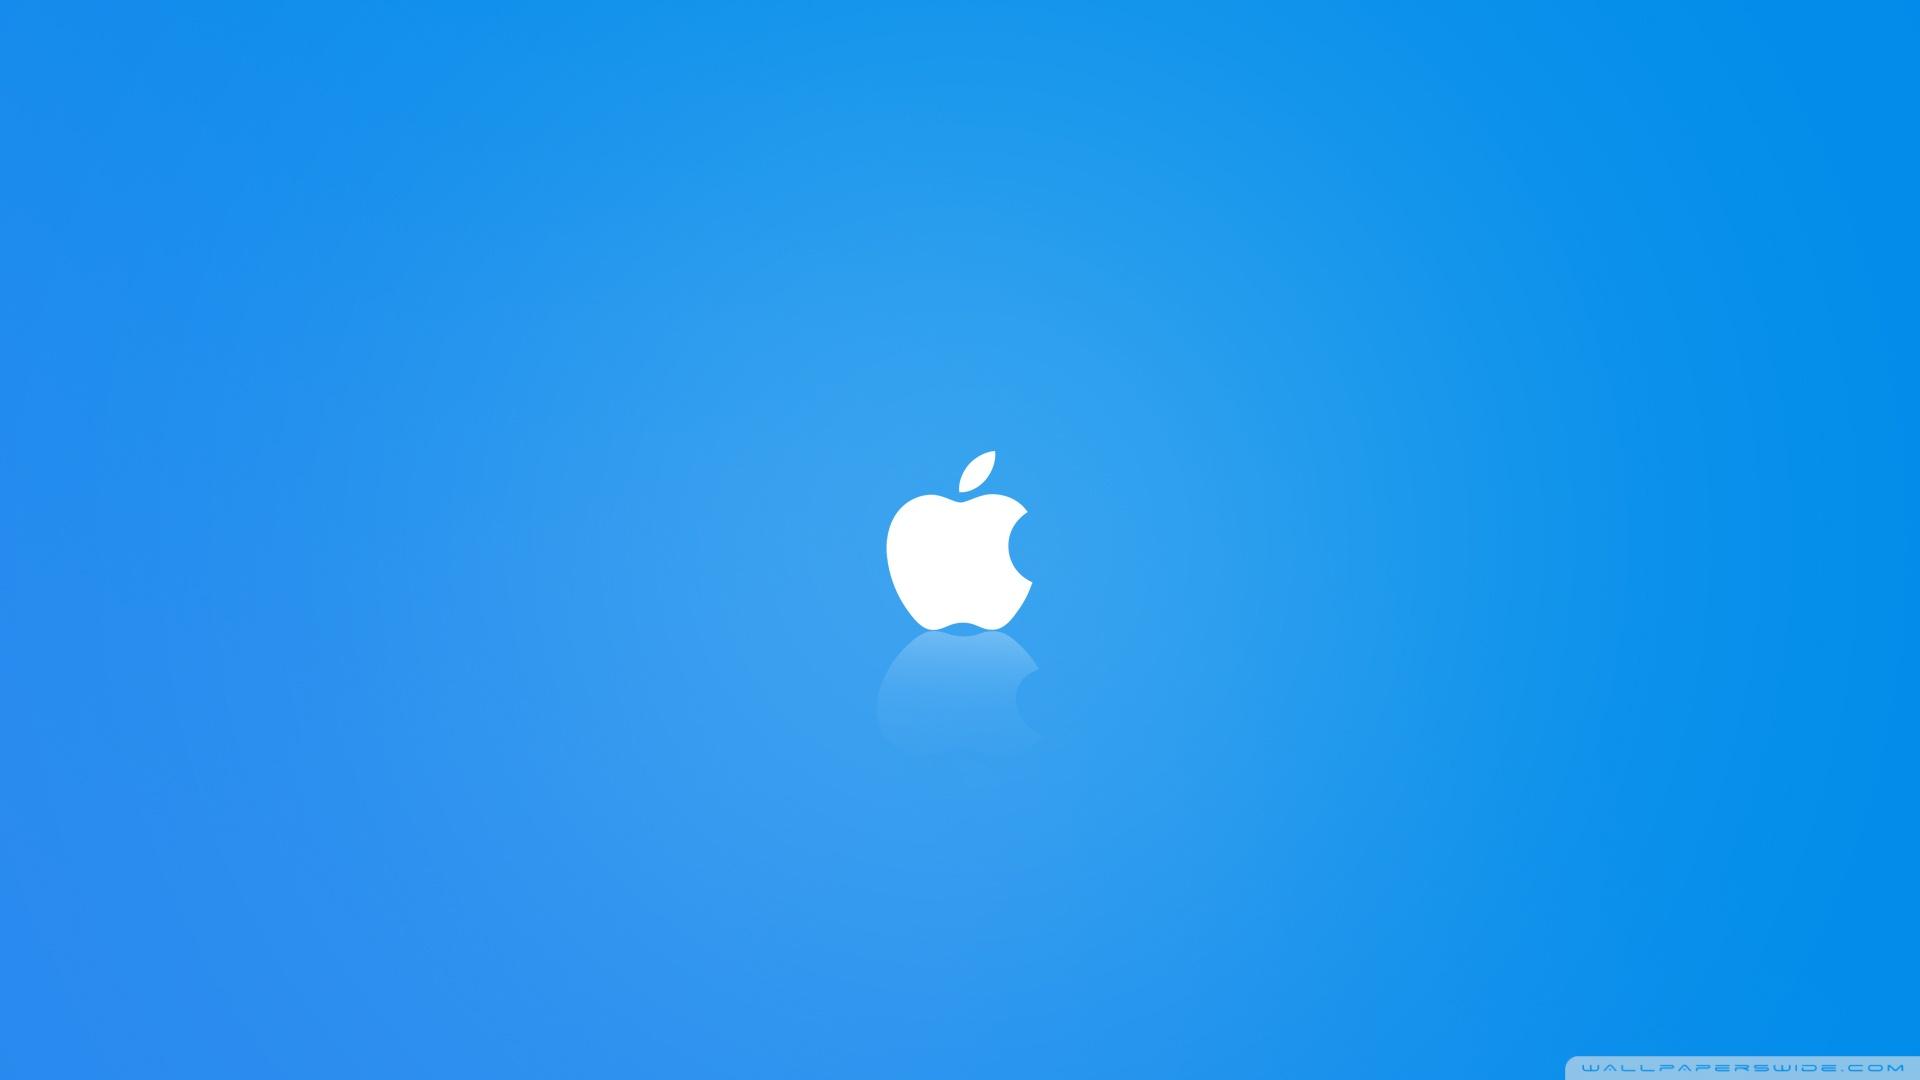 Apple MAC OS X Blue HD desktop wallpaper : Widescreen : High